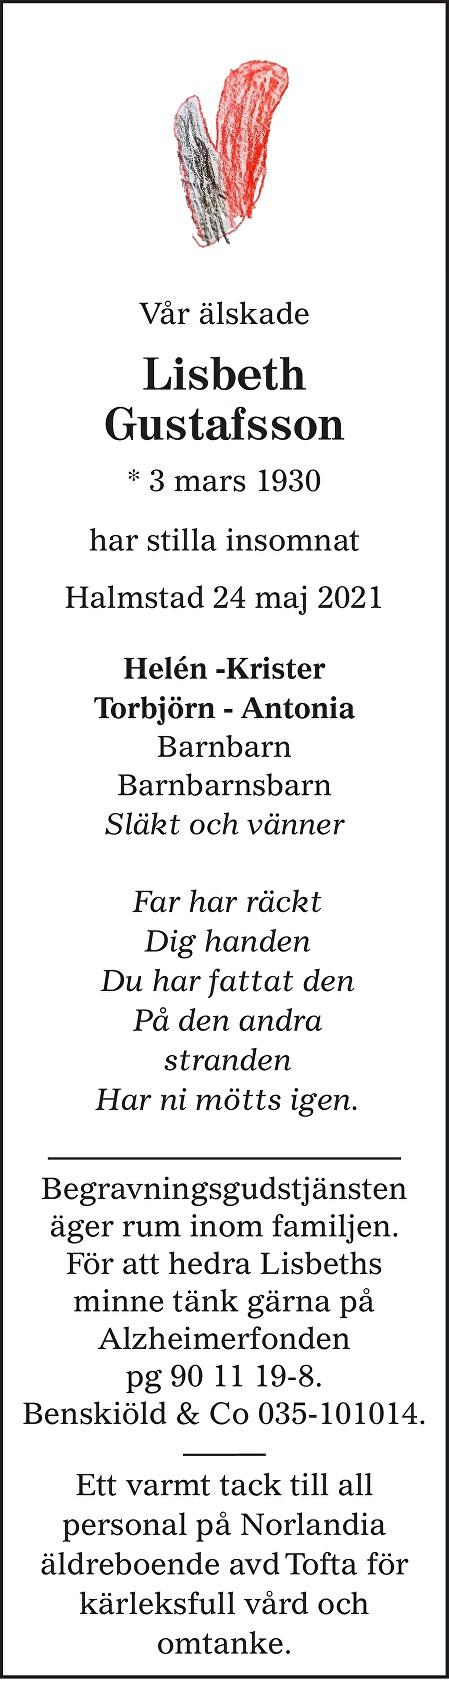 Lisbeth Gustafsson Death notice